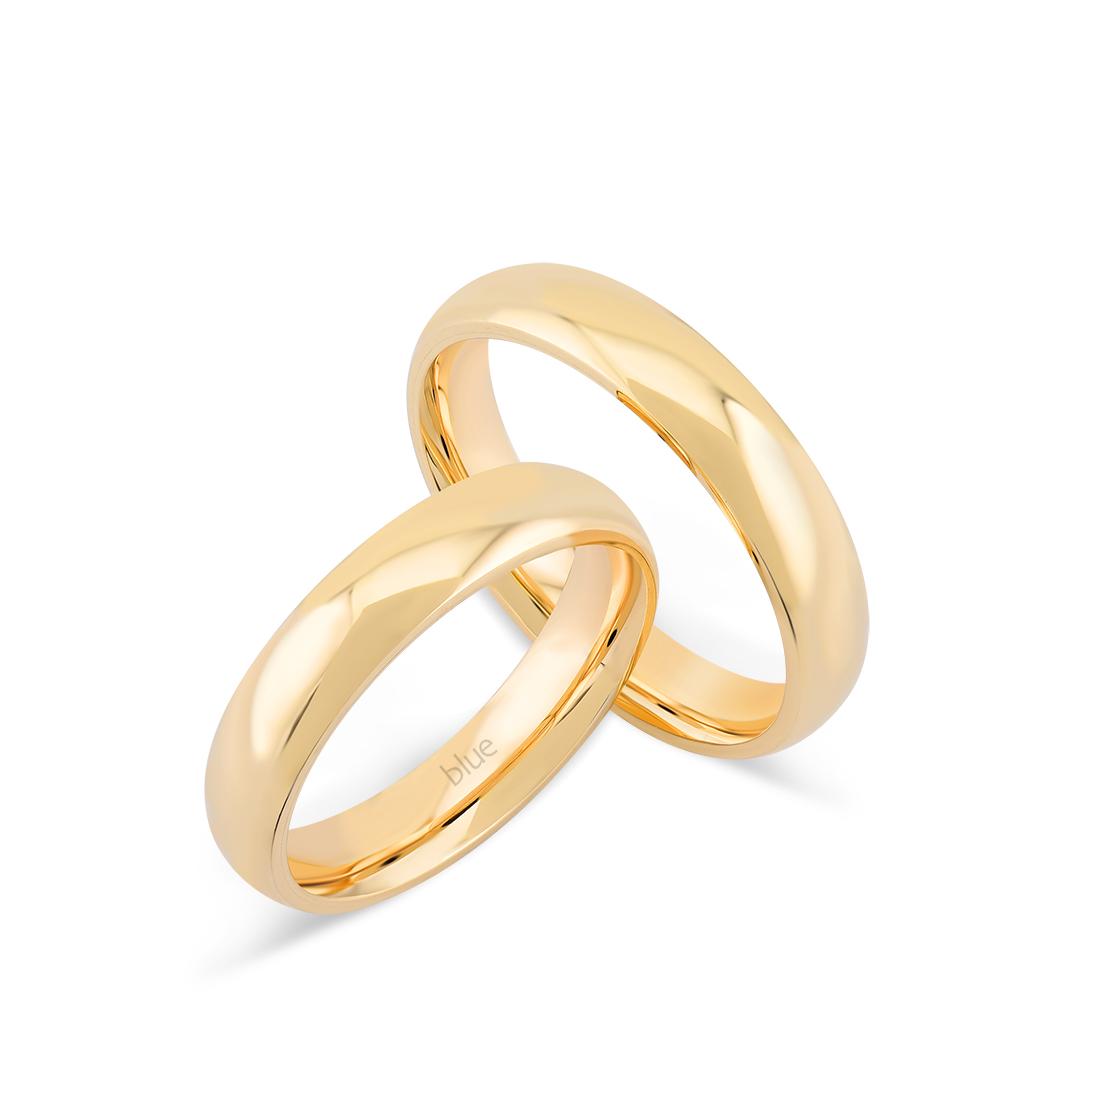 Klasik Evlilik Alyansı